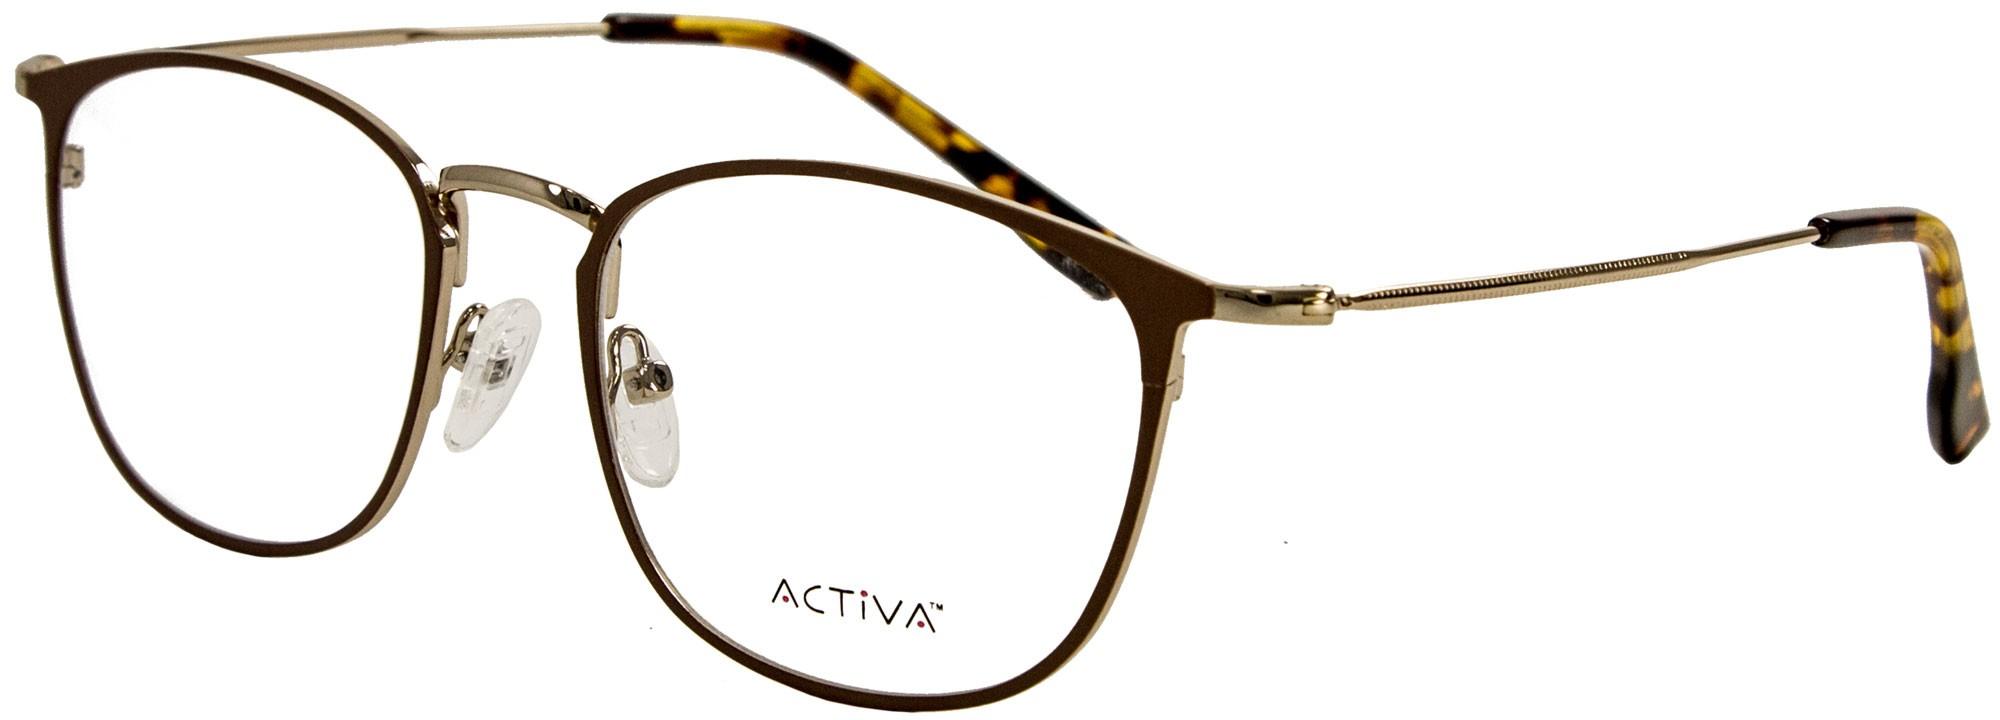 Activa 9624 C2 2